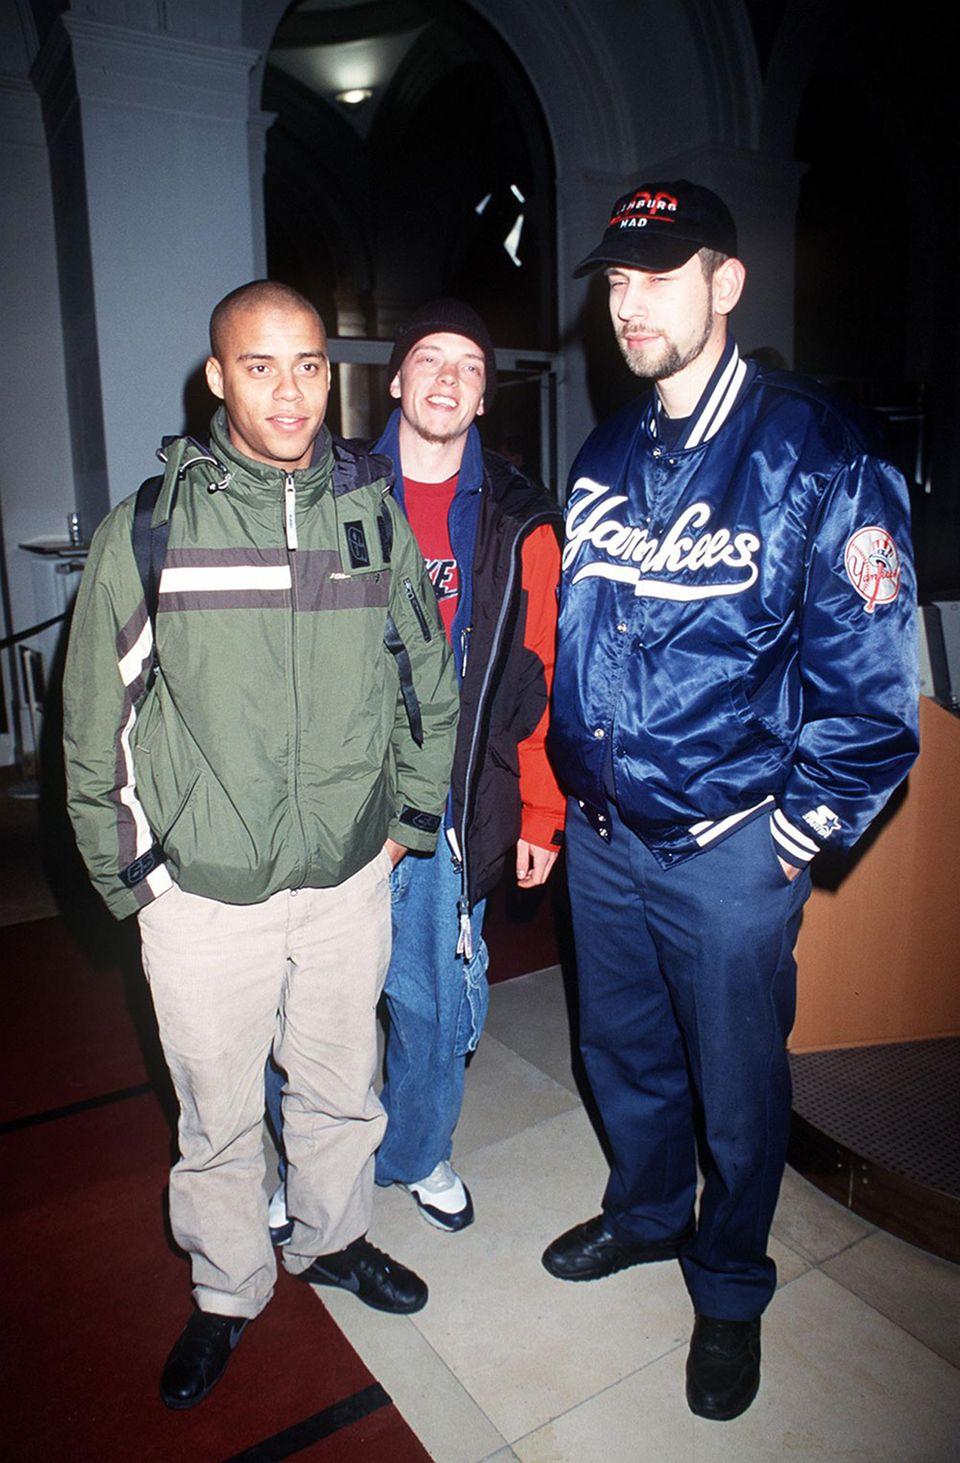 """Freizeit: Sind inzwischen Fortgeschrittene im deutschen HipHop: Eizi Eiz (Jan Eißfeldt, der als Jan Delay Solokarriere mit Reggae, Soul und Rock machte), Denyo (Dennis Lisk) und DJ Mad (Guido Weiß). Die Beginner aus Hamburg rappen seit 25 Jahren. 1998 gelang ihnen – damals noch als Absolute Beginner – der Durchbruch mit der Platte """"Bambule"""", die zeitlos WG-Partytaugliches wie """"Füchse"""", """"Liebeslied"""" oder """"Hammerhart"""" enthielt. Am 26. August erscheint ihr neues Album, das nach einer der ersten deutschsprachigen Rapgruppen benannt ist, """"Advanced Chemistry""""."""